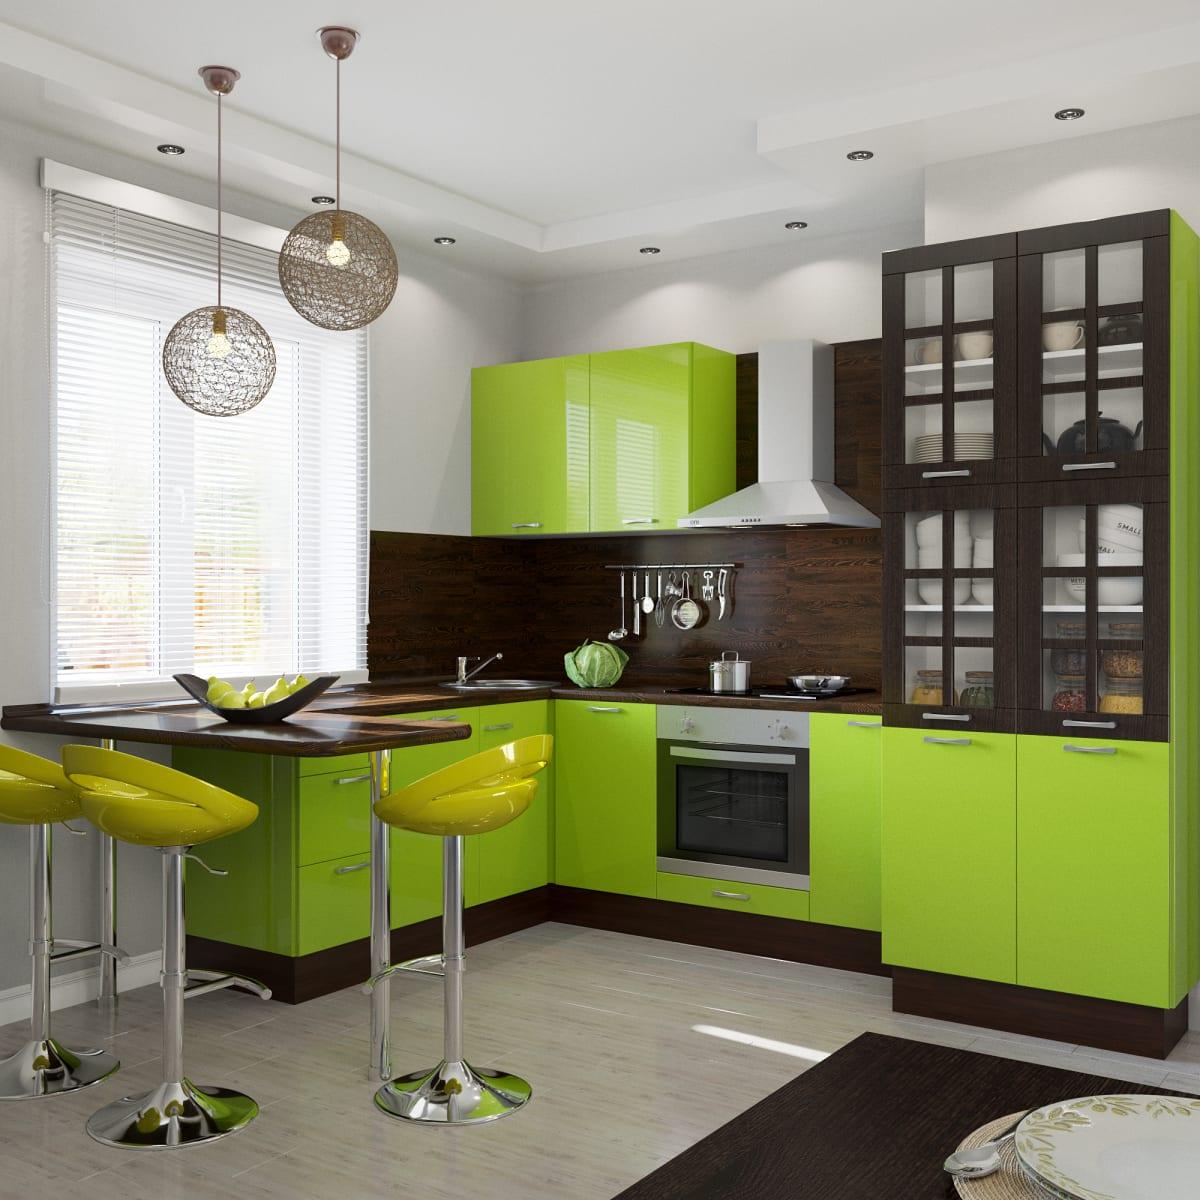 образом дизайн проекты кухни в зеленом цвете фото герберт известная